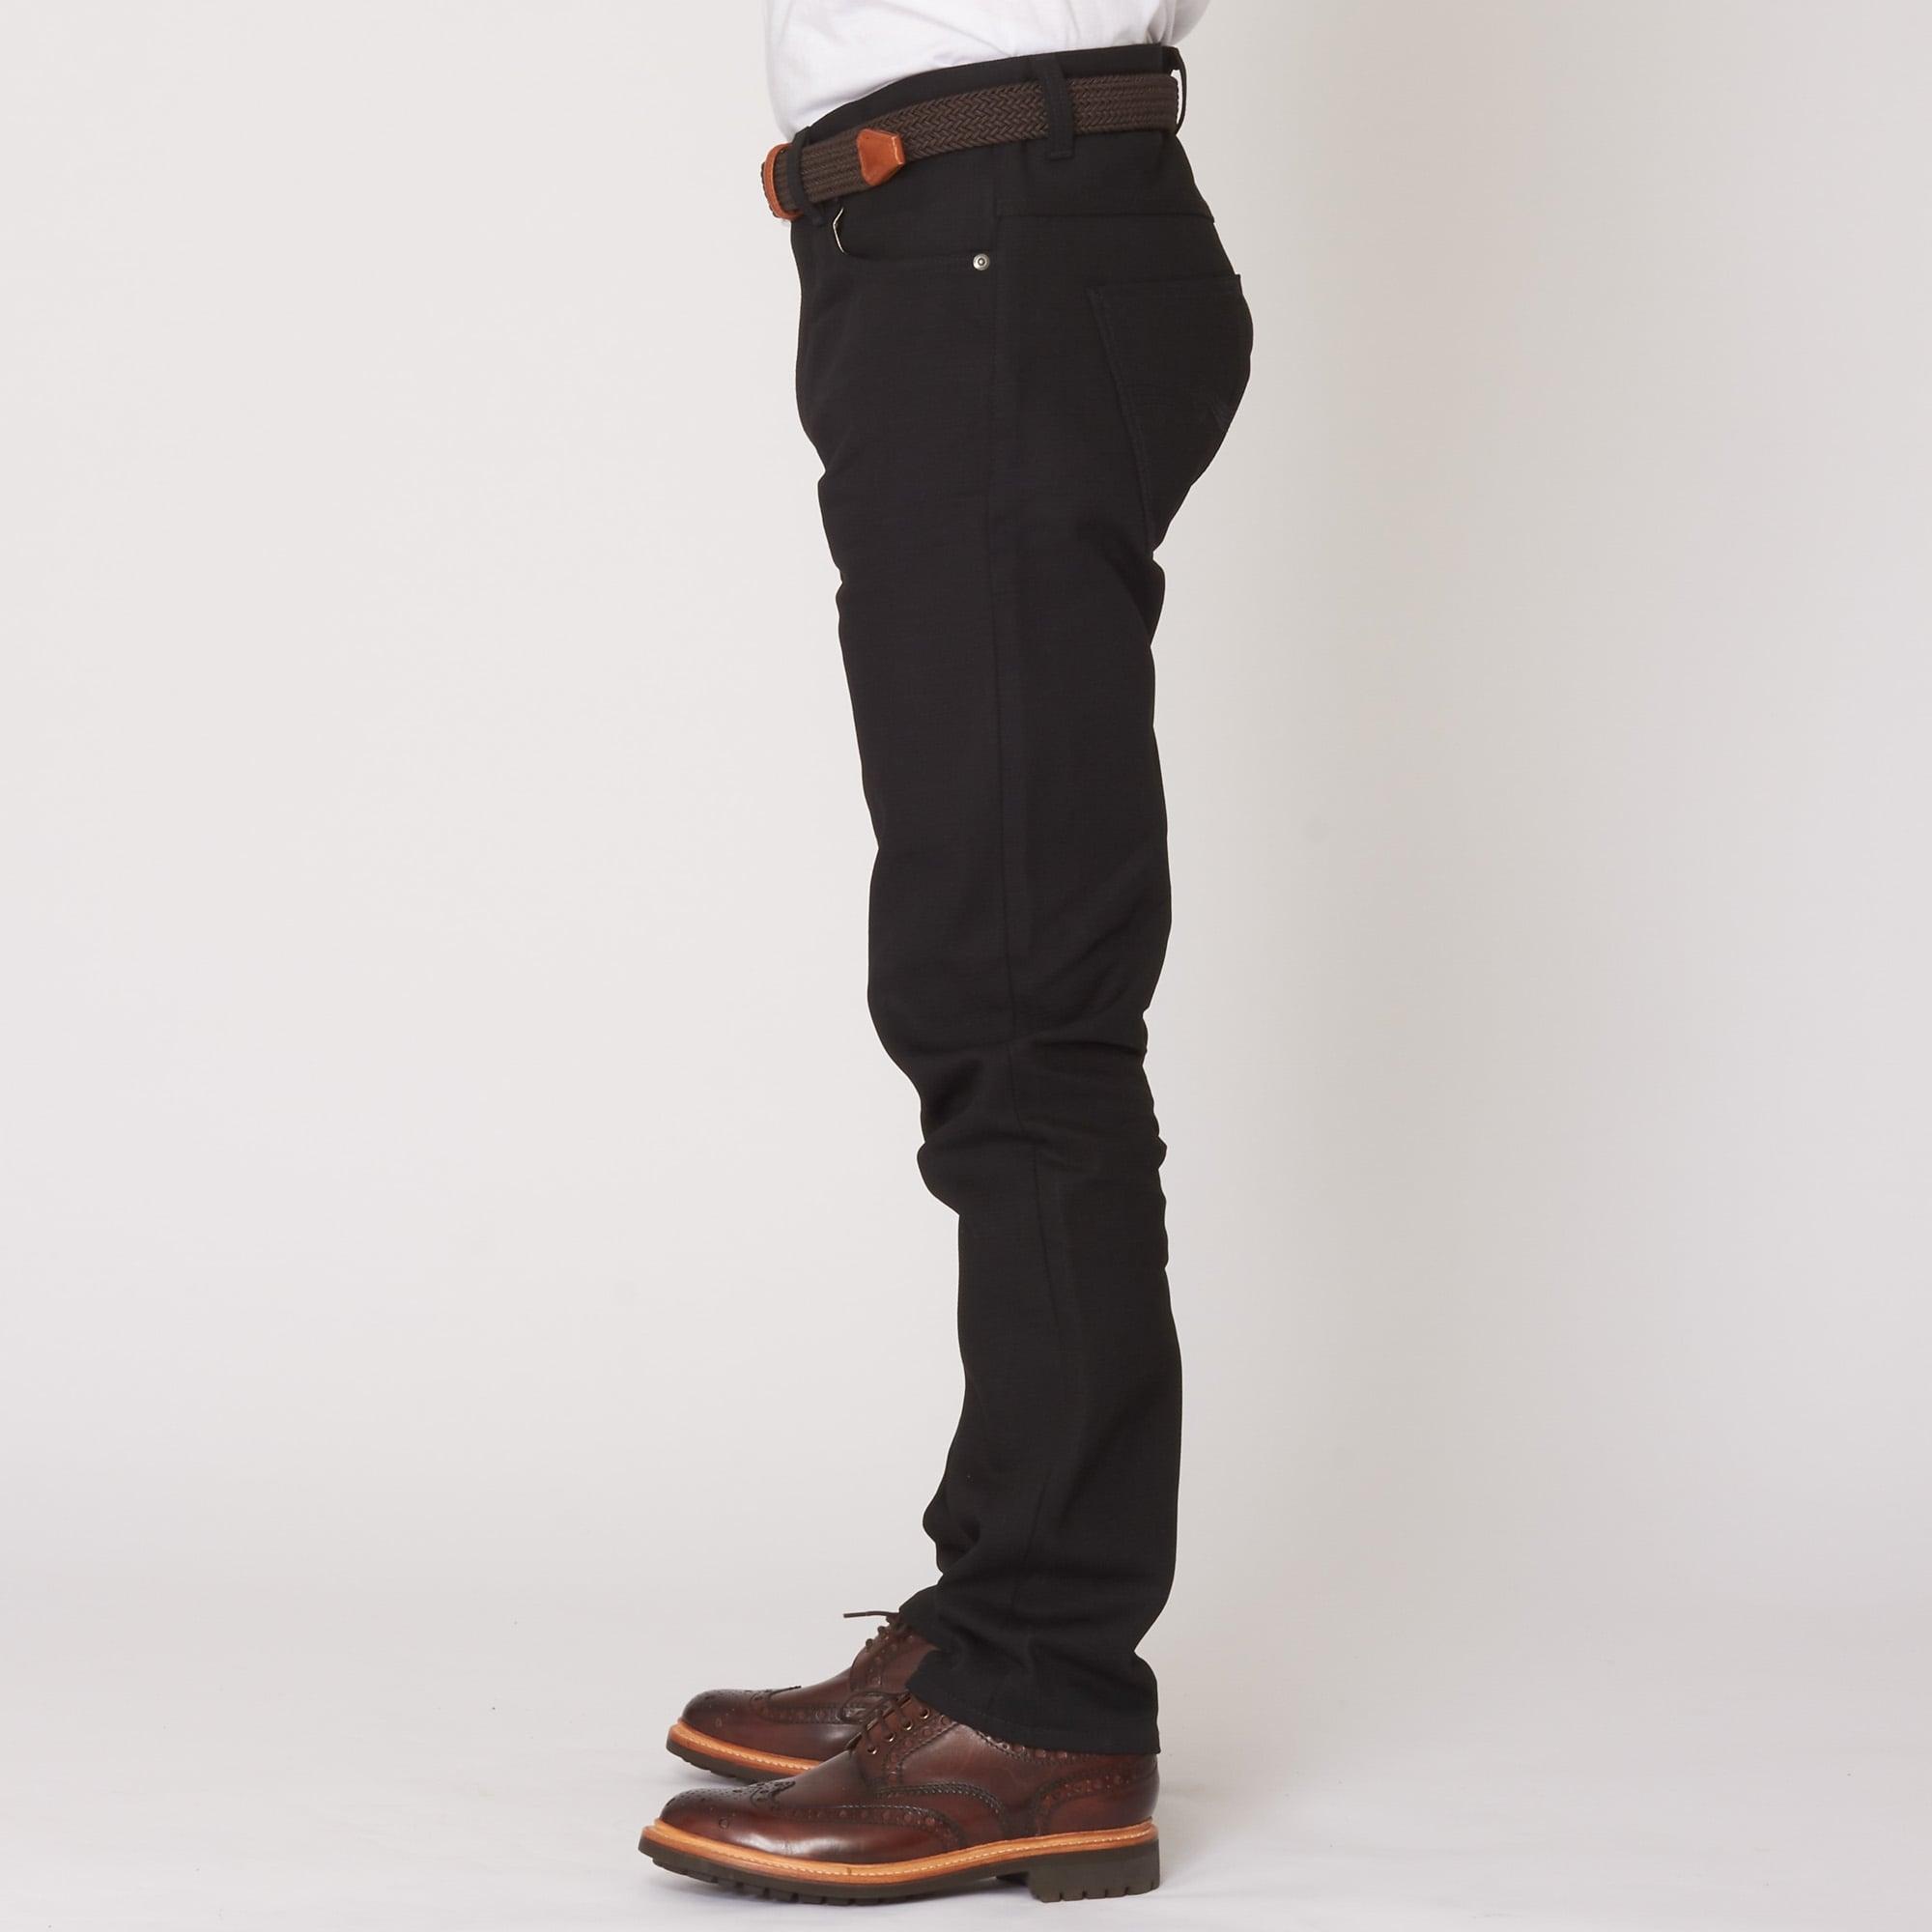 62716b19 Nudie Jeans Fearless Freddie Black Straight Fit Jeans   112458